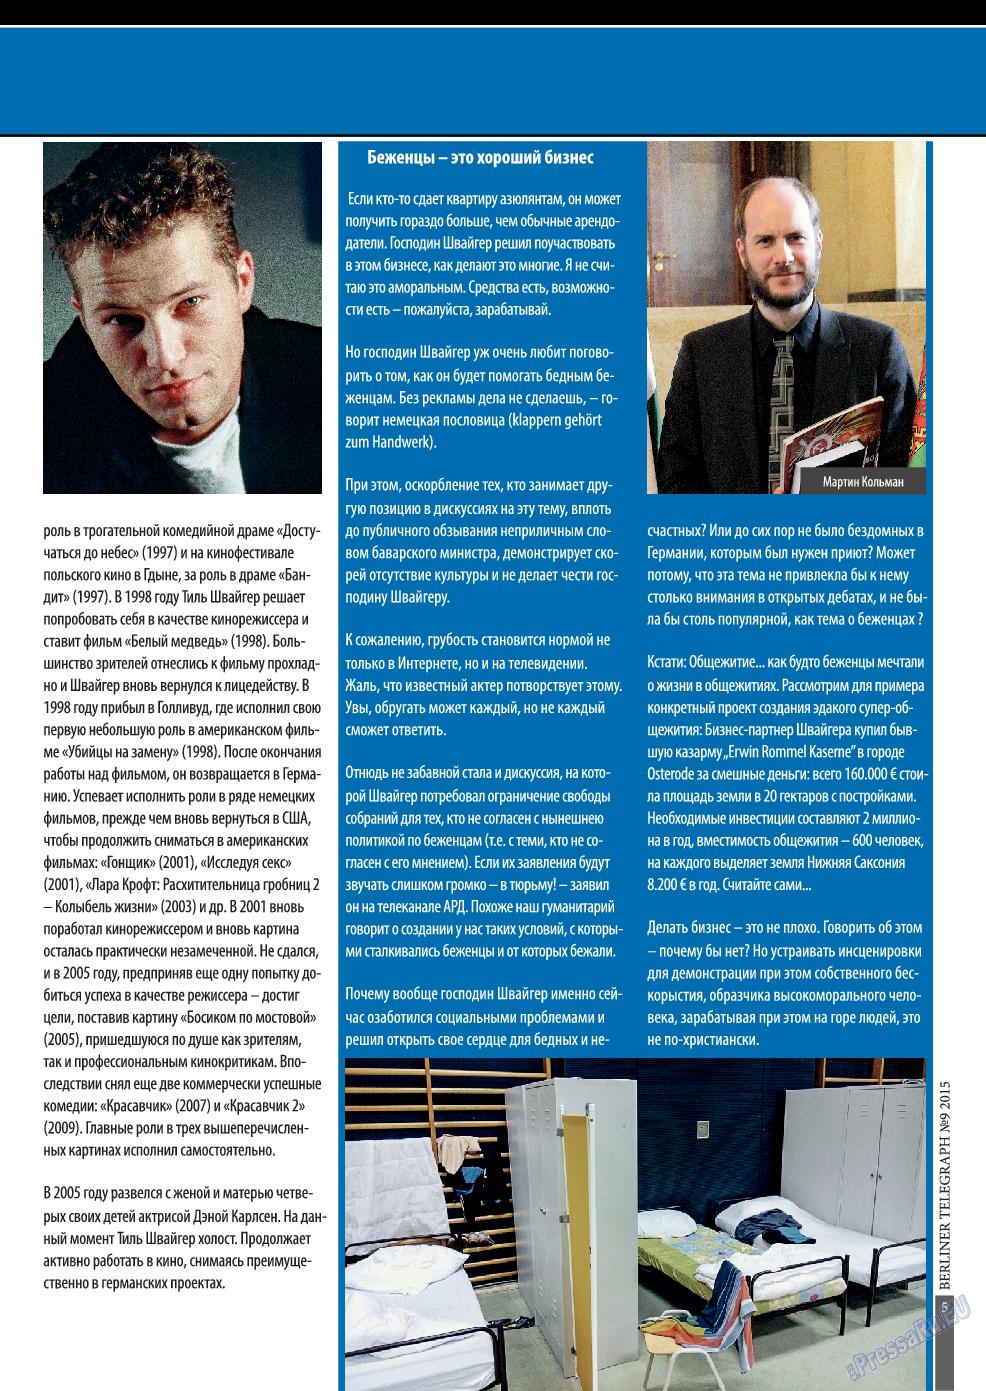 Берлинский телеграф (журнал). 2015 год, номер 9, стр. 5